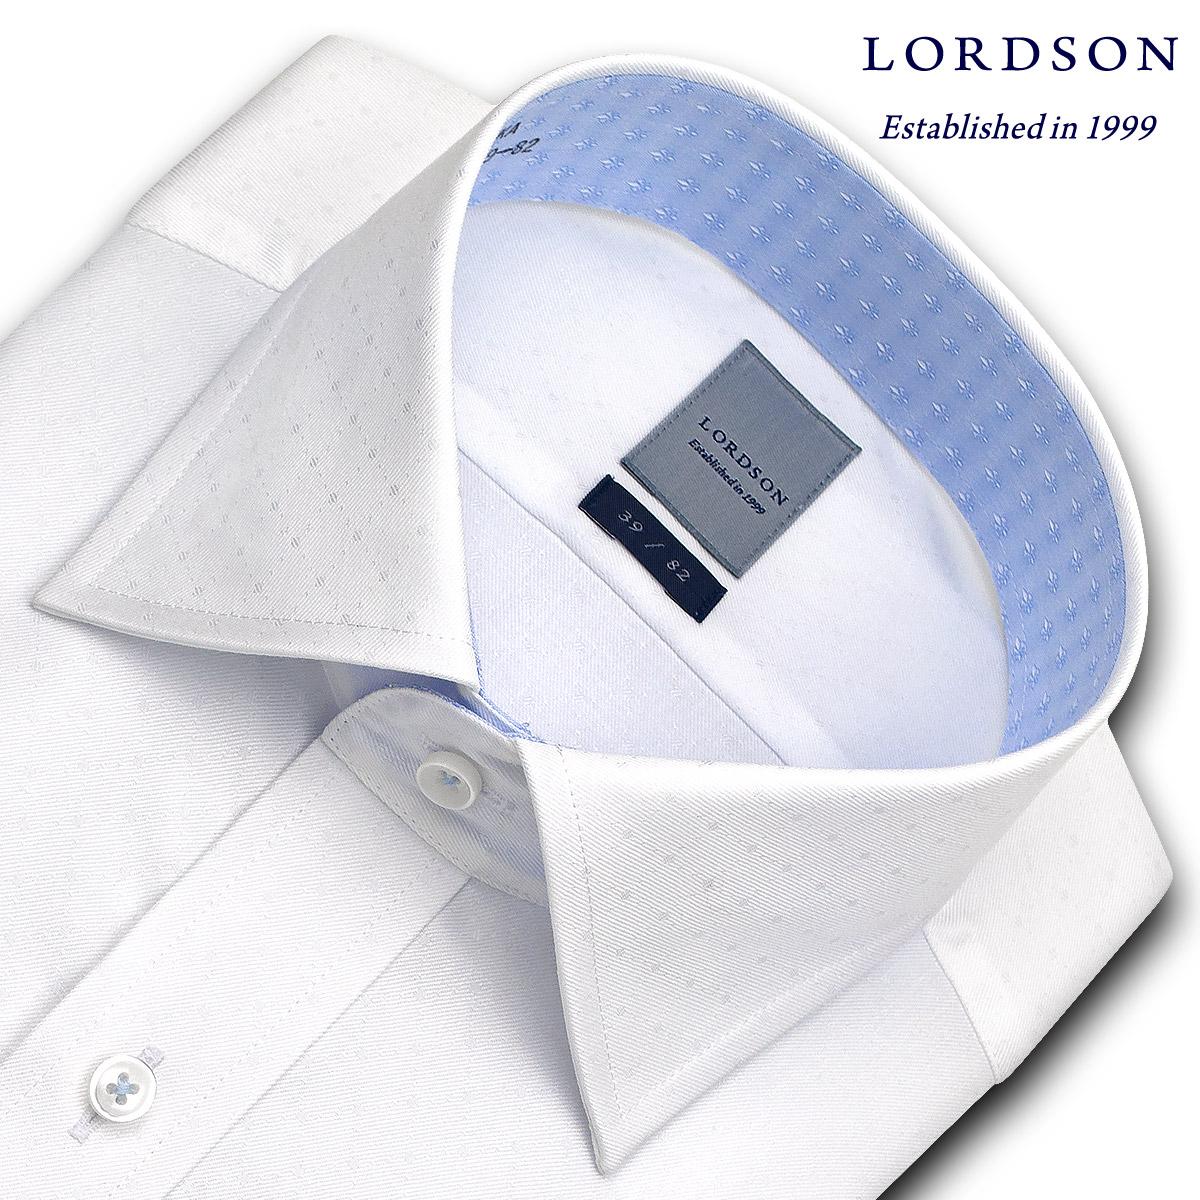 LORDSON 長袖 ワイシャツ メンズ 春夏秋冬 形態安定加工 バイアスチェック白ドビー ワイドカラーシャツ|綿:100% ホワイト(zod394-200)